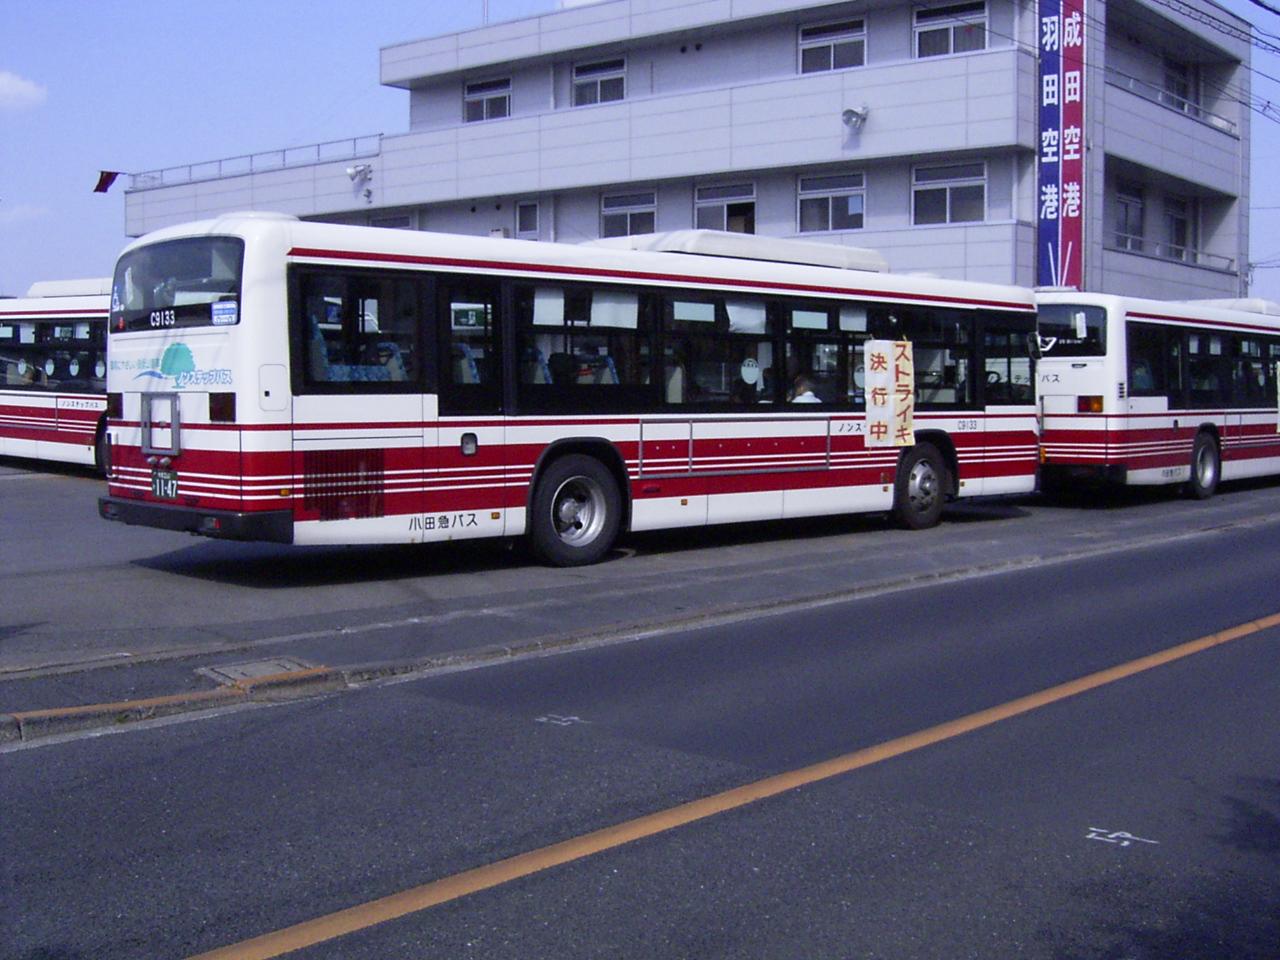 週番ゴゴラス日誌:小田急バス24...